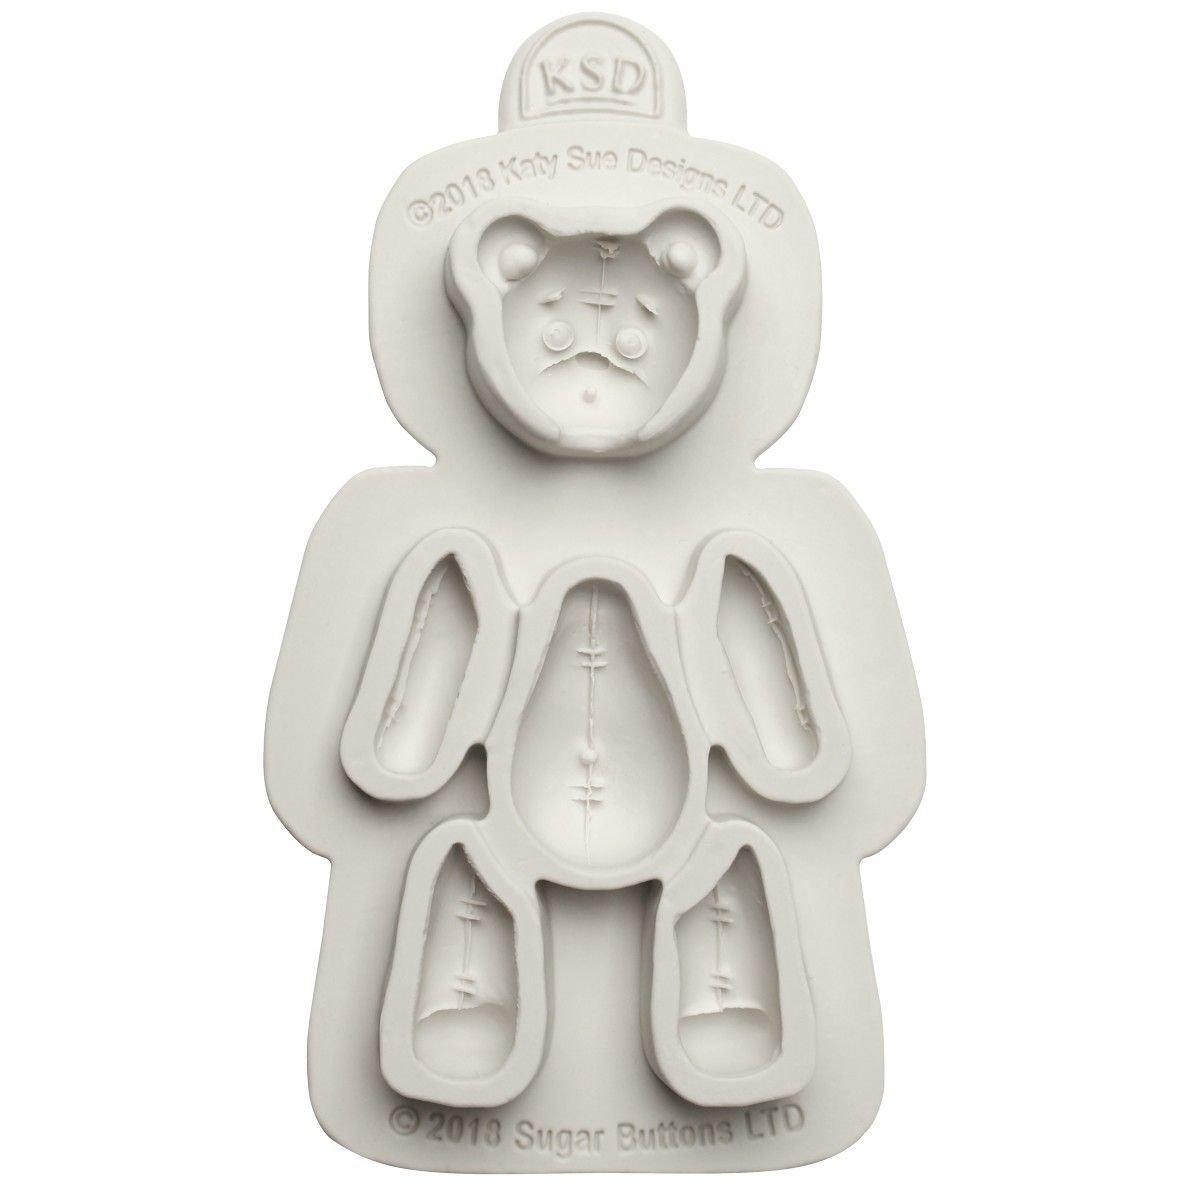 Katy Sue Mould Sugar Buttons -Stitched Teddy Bear -Καλούπι Αρκουδάκι Ραμμένο